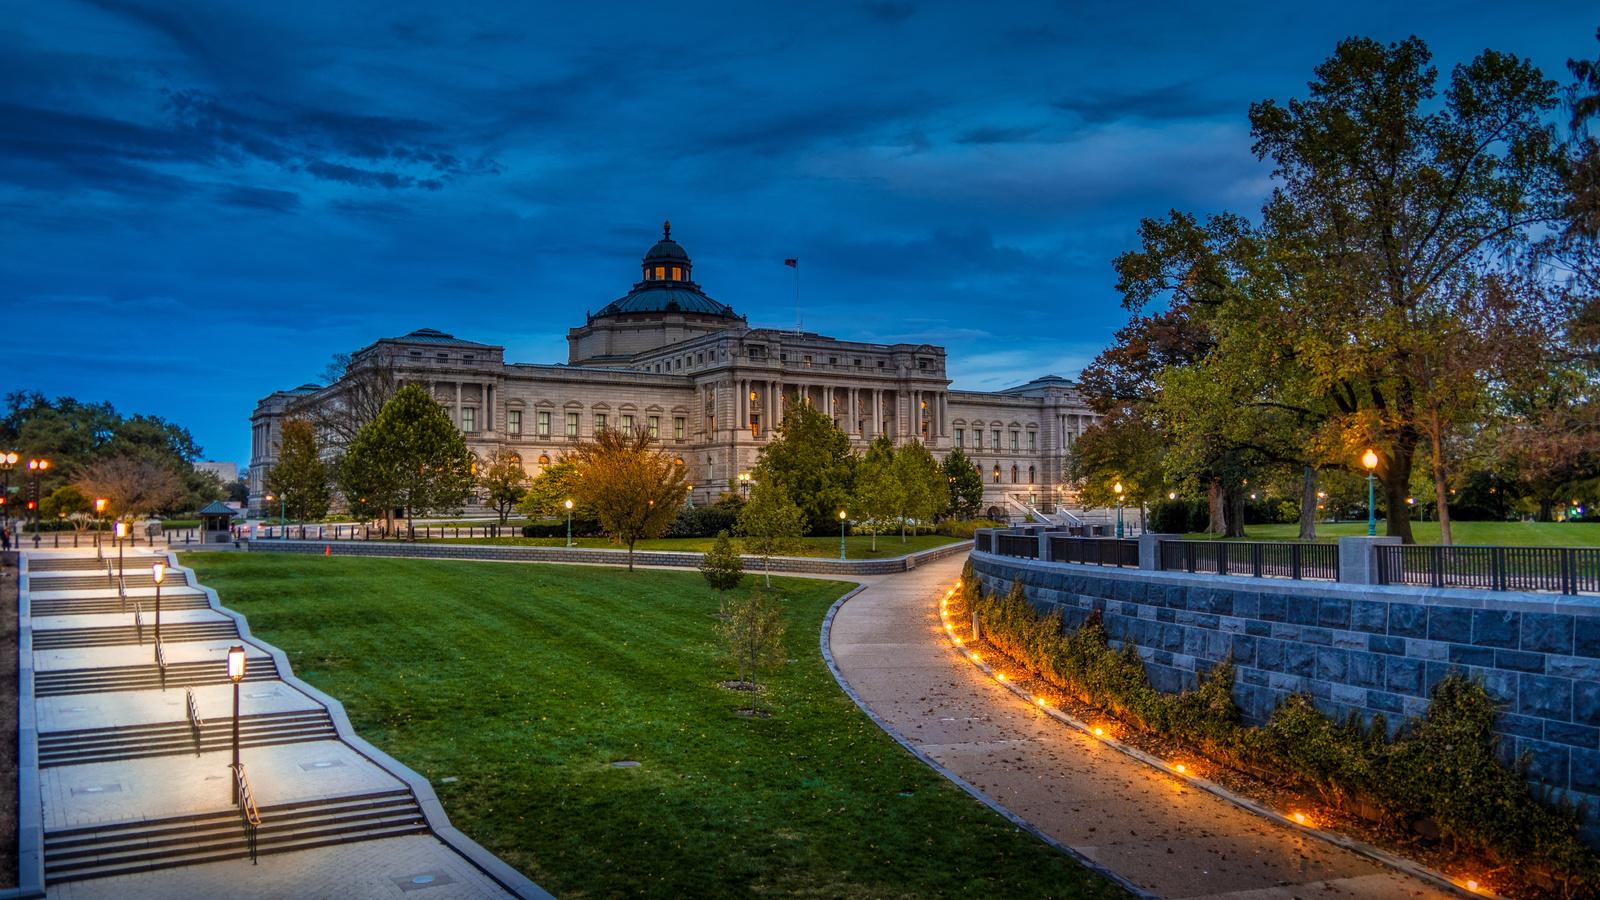 деревья, ночь, город, здание, дорожки, освещение, фонари, лестница, вашингтон, сша, лужайки, библиотека конгресса